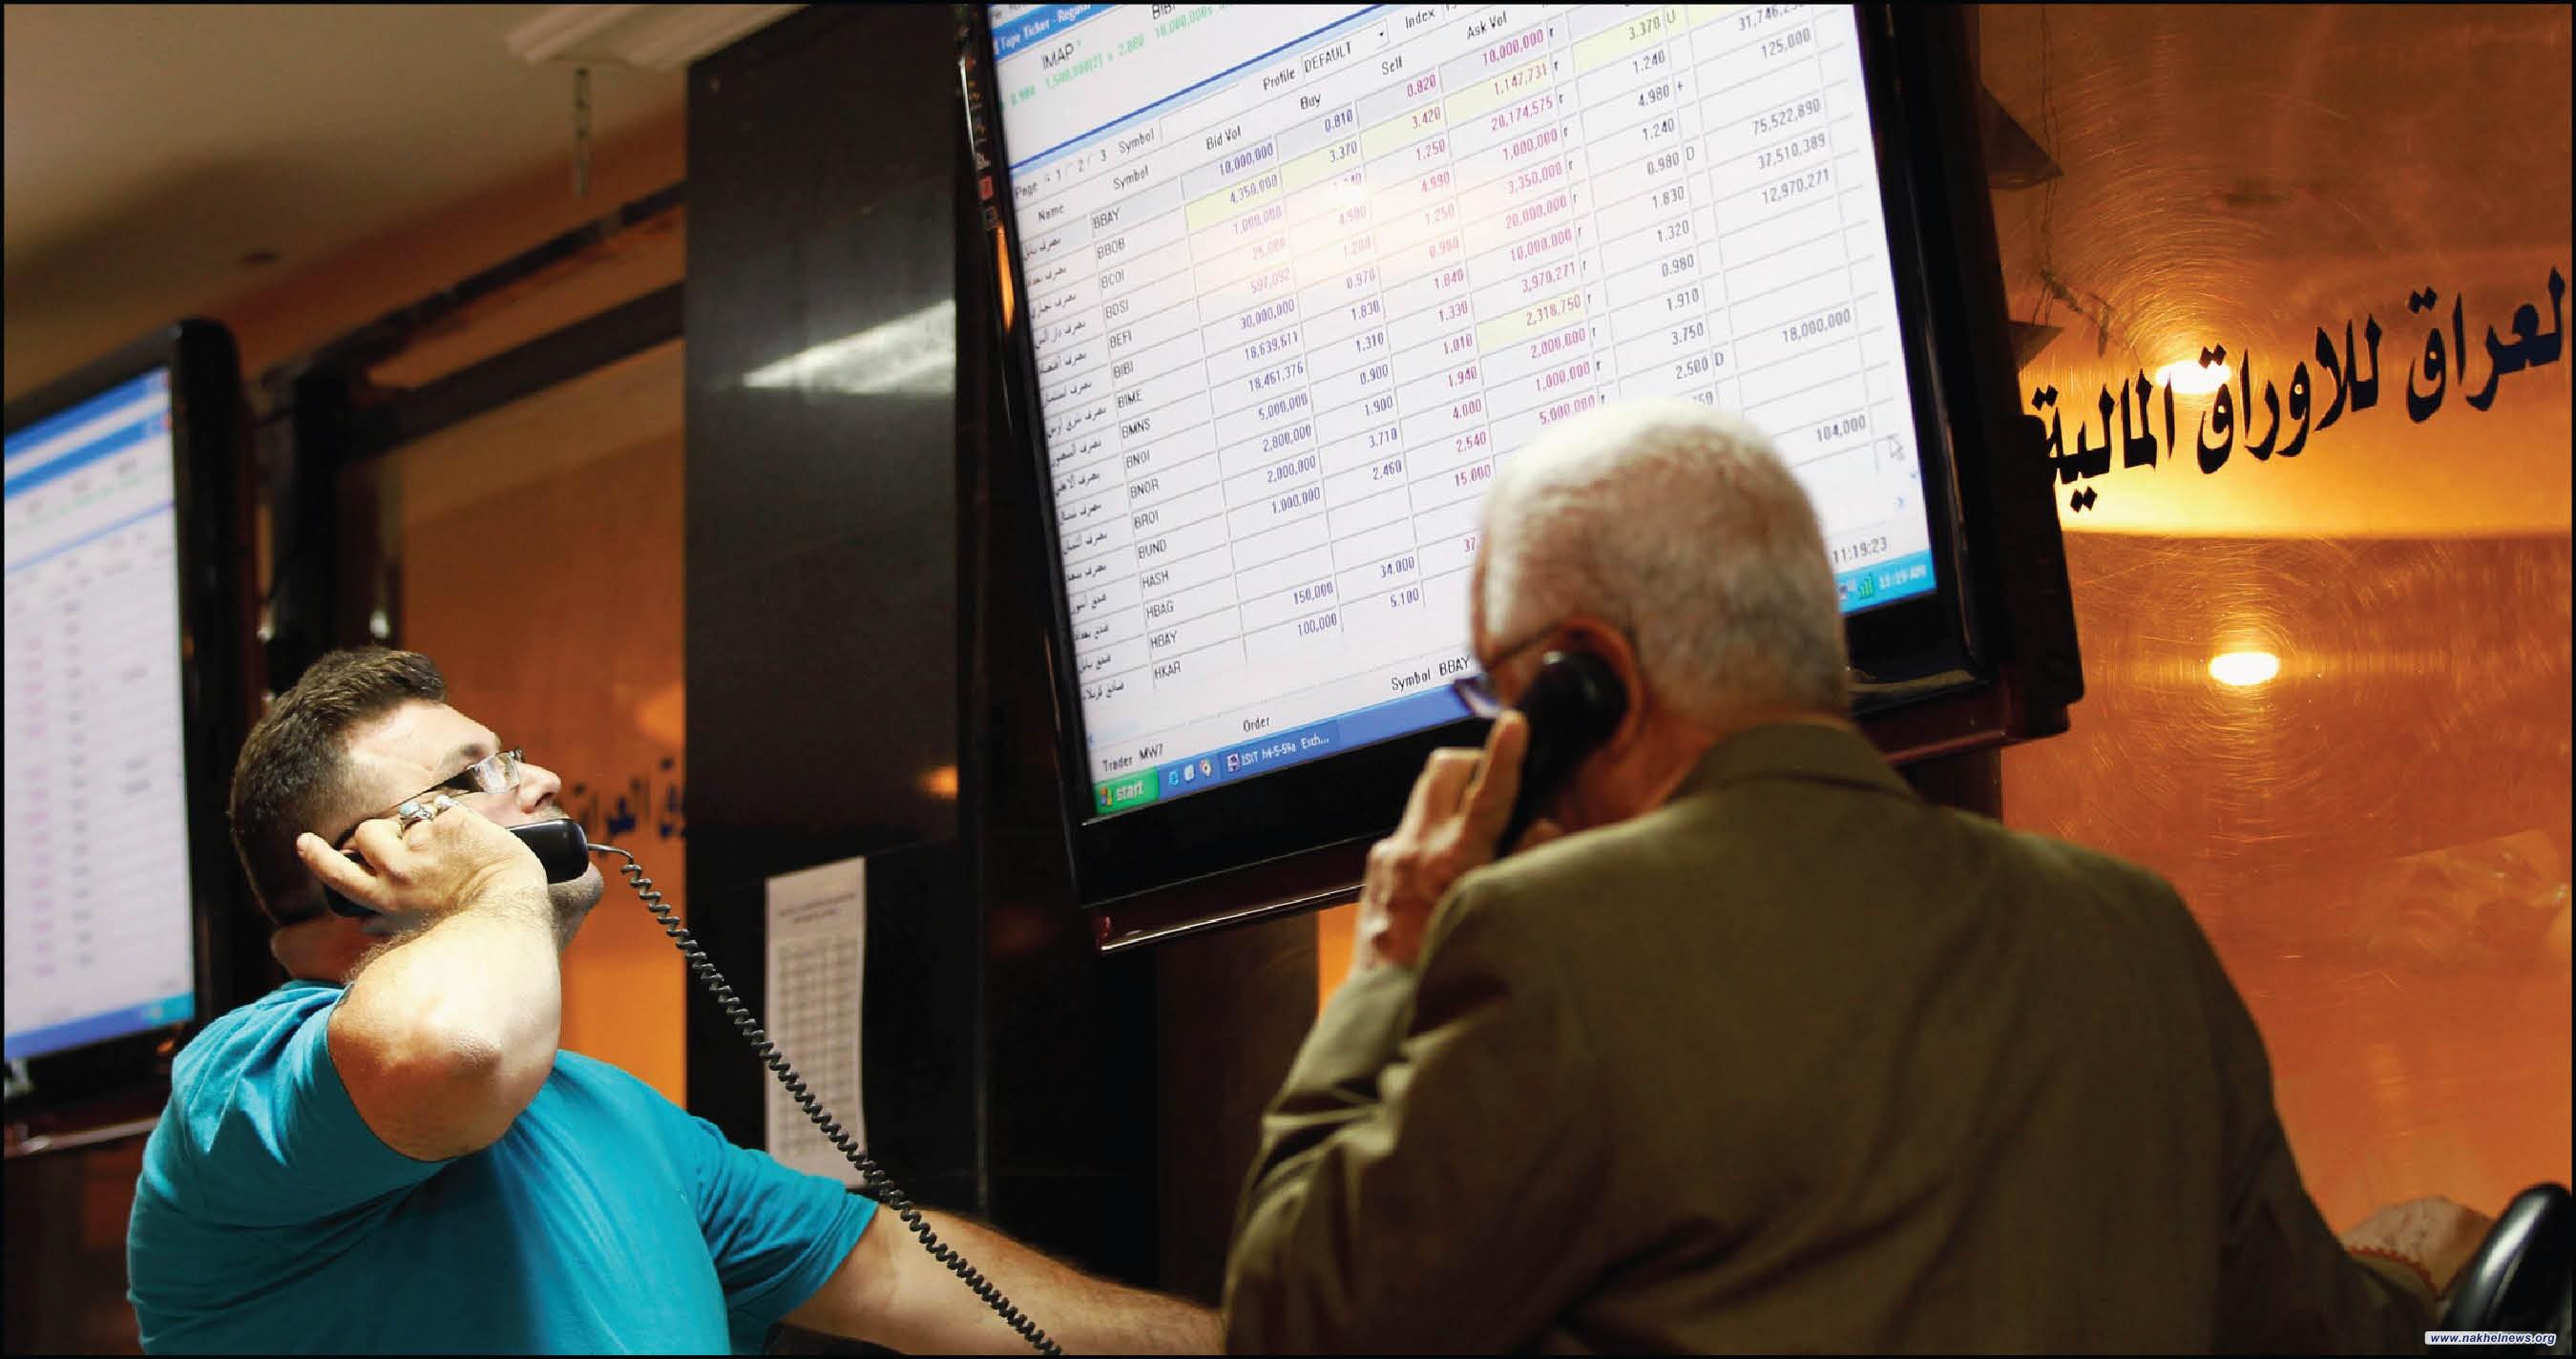 سوق العراق: المستثمرون الاجانب يمثلون 18% من مستثمري السوق